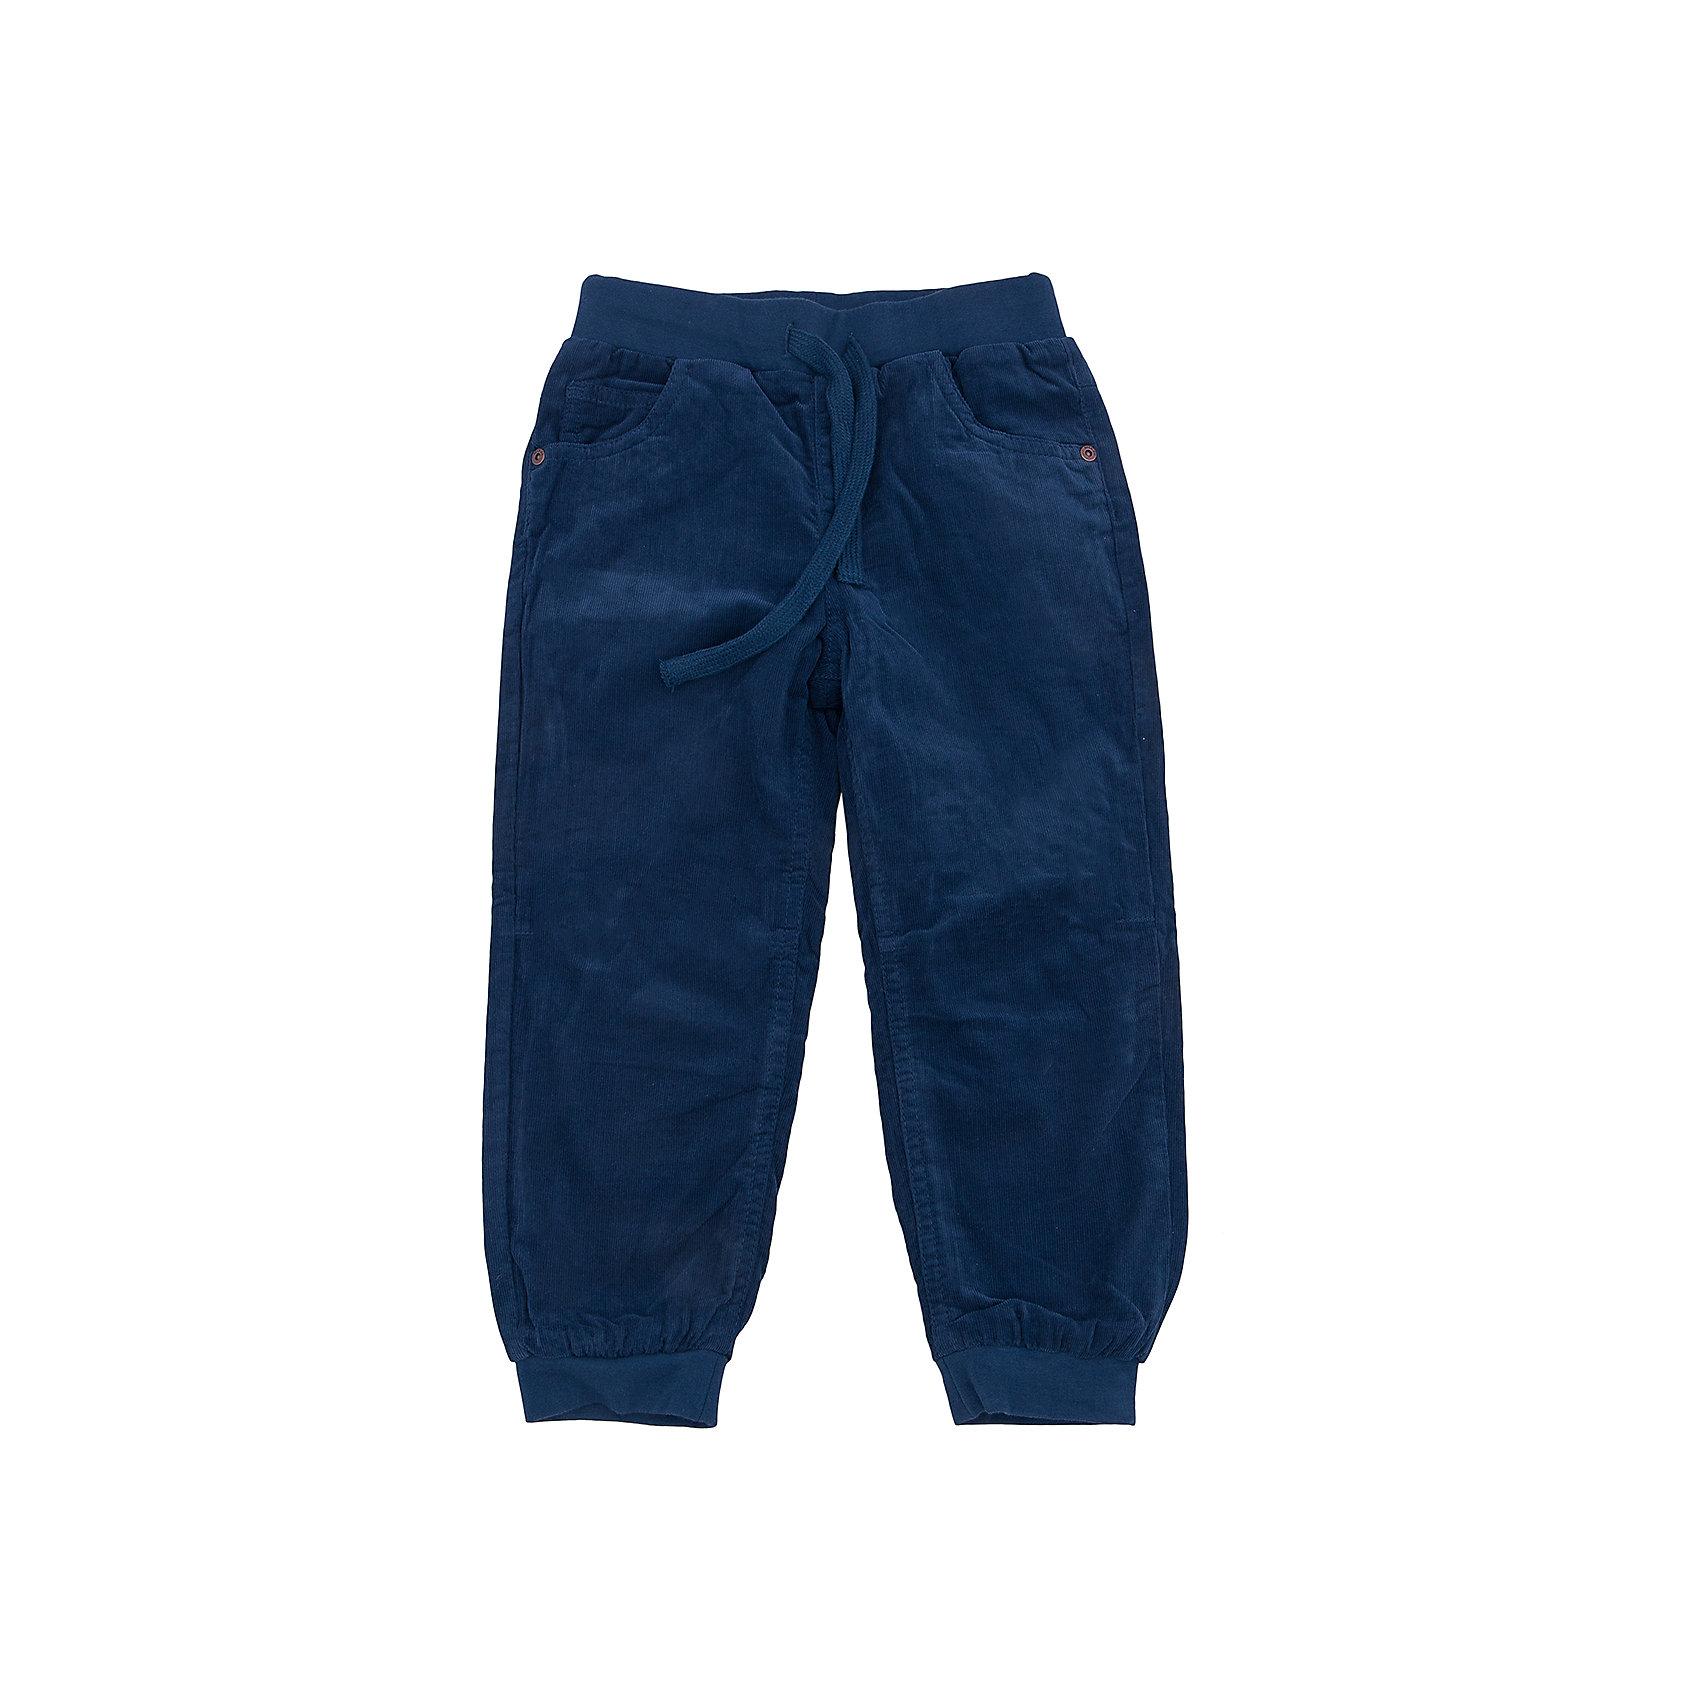 Брюки для мальчика SELAБрюки для мальчика SELA.<br><br>Характеристики:<br><br>• Цвет: синий.<br>• Материал: вельвет.<br>• Состав:100% хлопок.<br><br>Брюки для мальчика от признанного лидера по созданию коллекций одежды в стиле casual - SELA.<br>Стильные вельветовые брюки темно - синего цвета с подкладом из натурального хлопка. Модель на эластичном поясе с кулиской имеет два боковых кармана, два накладных кармашка сзади, мягкие манжеты-резинки по низу. В таких брючках ваш мальчик будет выглядеть стильно и модно! <br><br>Брюки для мальчика SELA, можно купить в нашем интернет- магазине.<br><br>Ширина мм: 215<br>Глубина мм: 88<br>Высота мм: 191<br>Вес г: 336<br>Цвет: синий<br>Возраст от месяцев: 60<br>Возраст до месяцев: 72<br>Пол: Мужской<br>Возраст: Детский<br>Размер: 116,92,110,104,98<br>SKU: 5078974